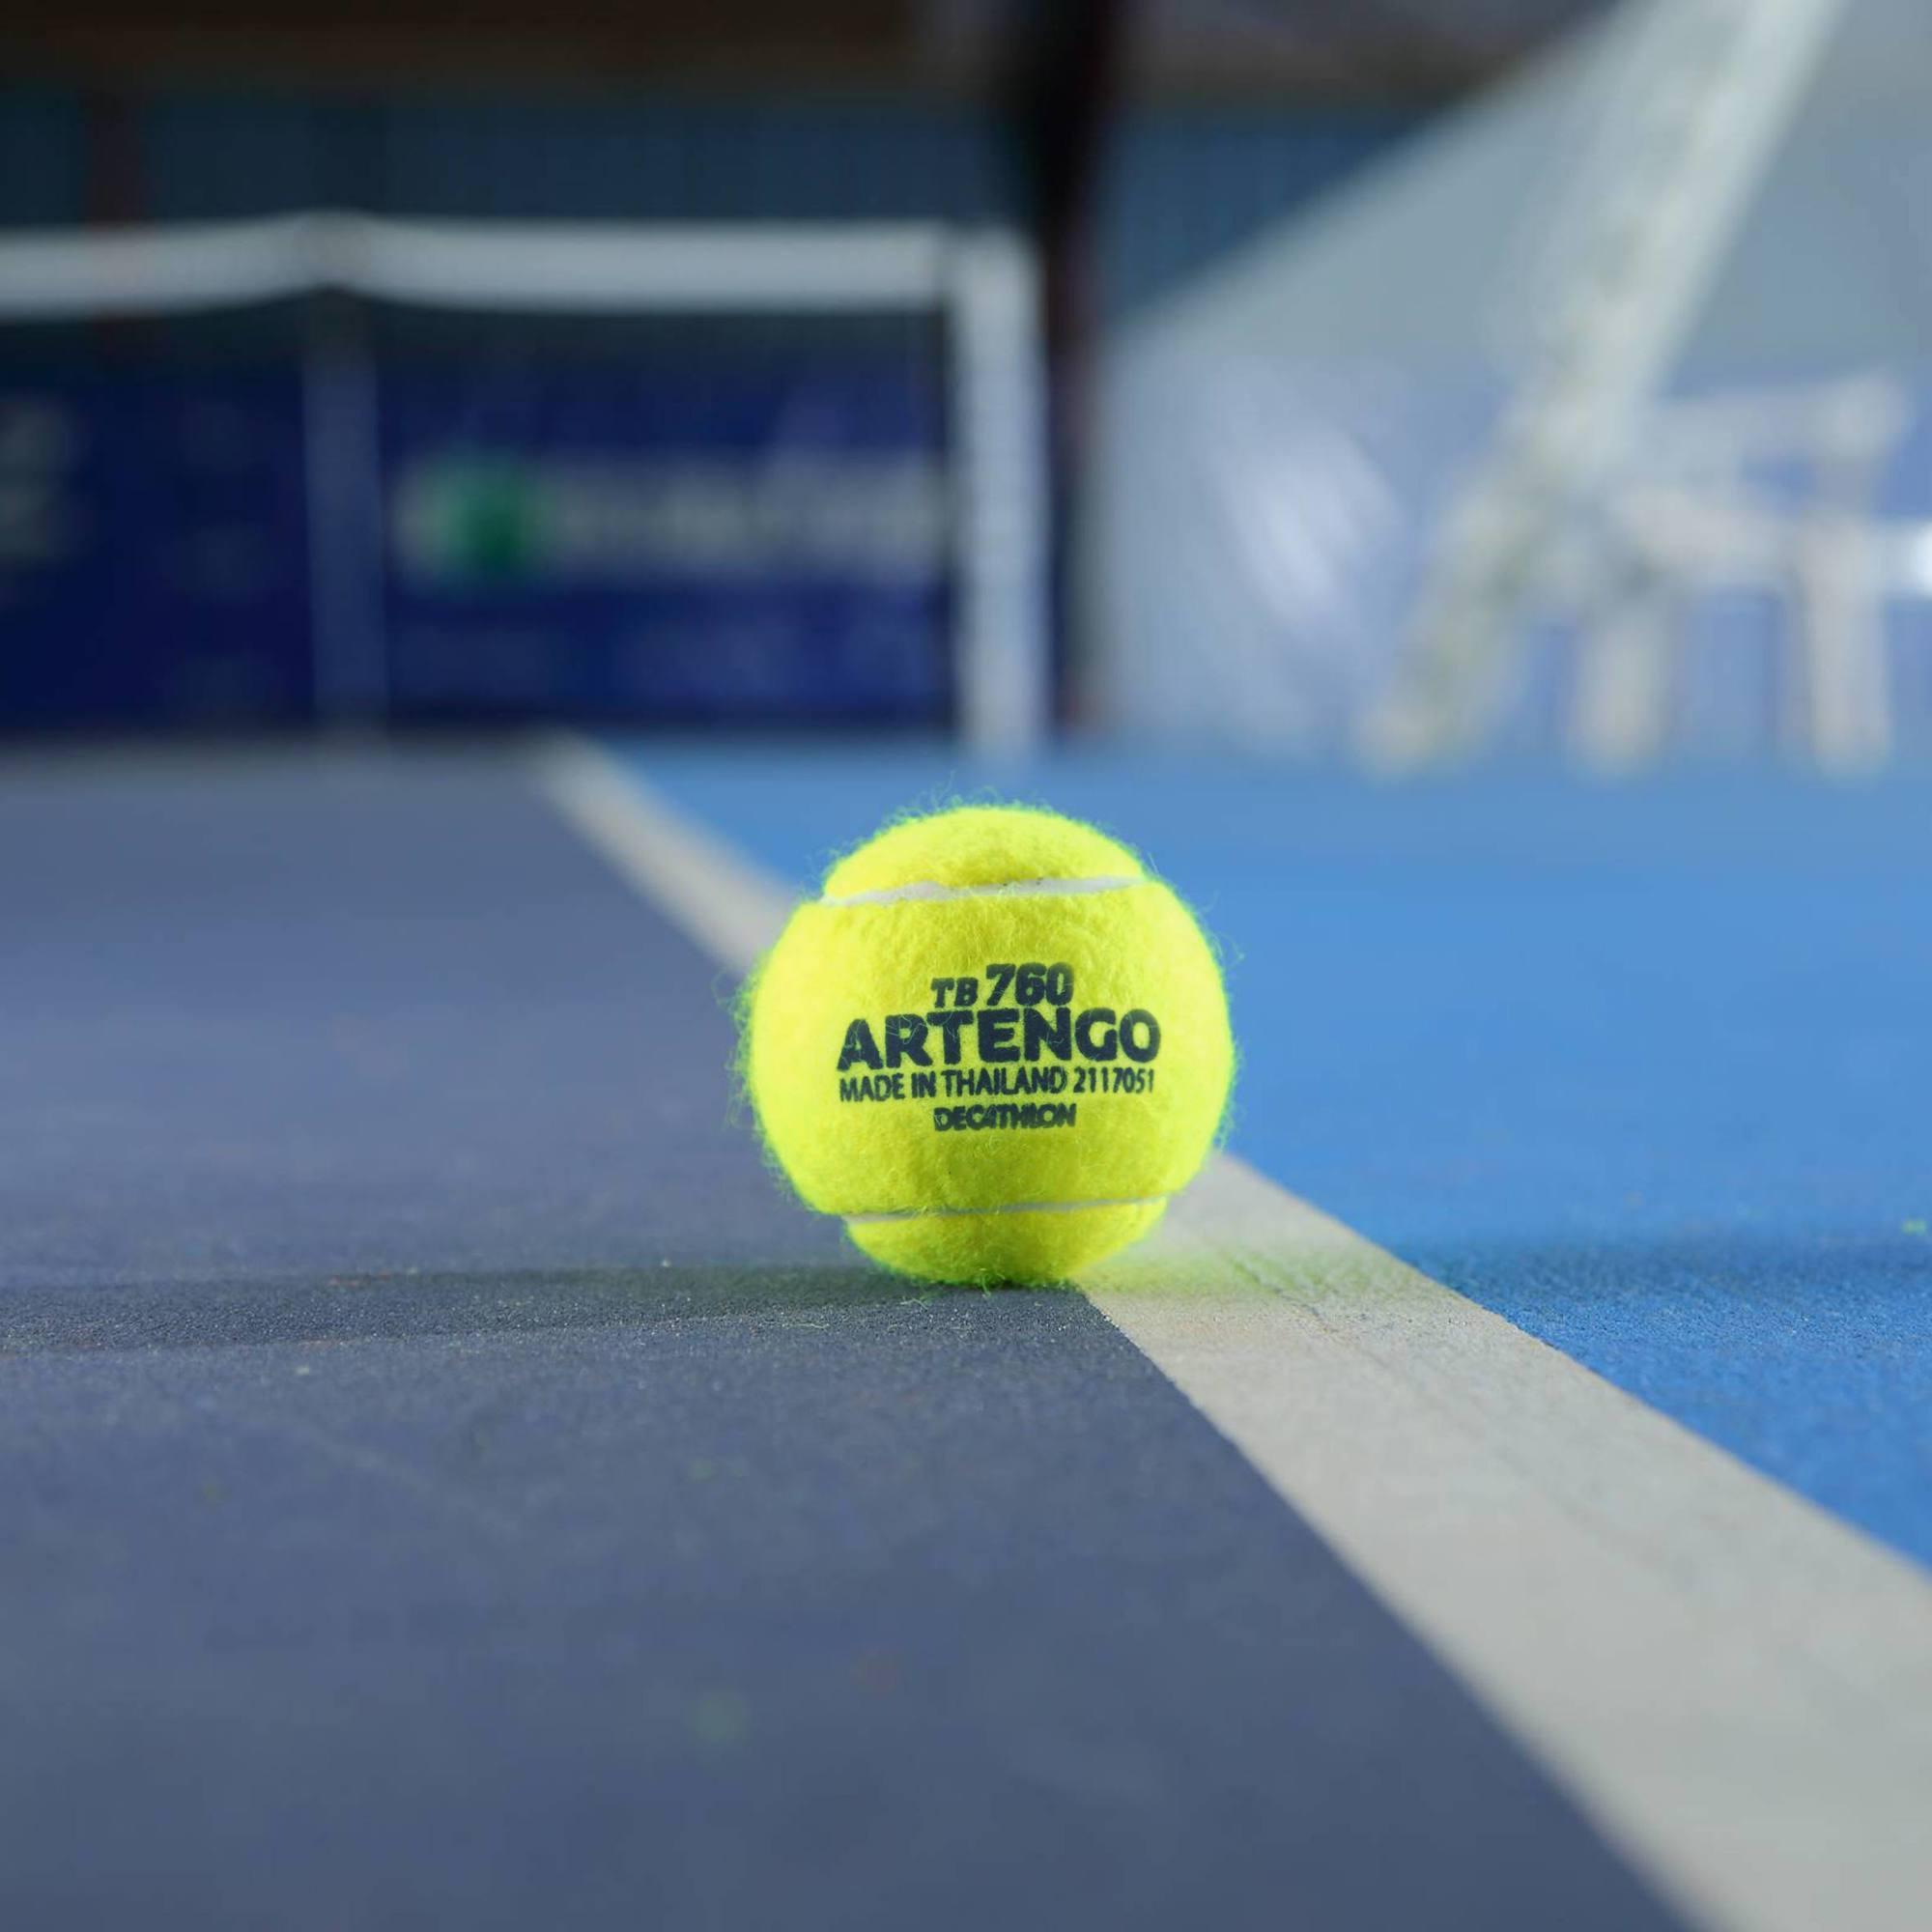 Balle de tennis artengo tb760 clubs collectivit s - Jeux exterieur decathlon ...